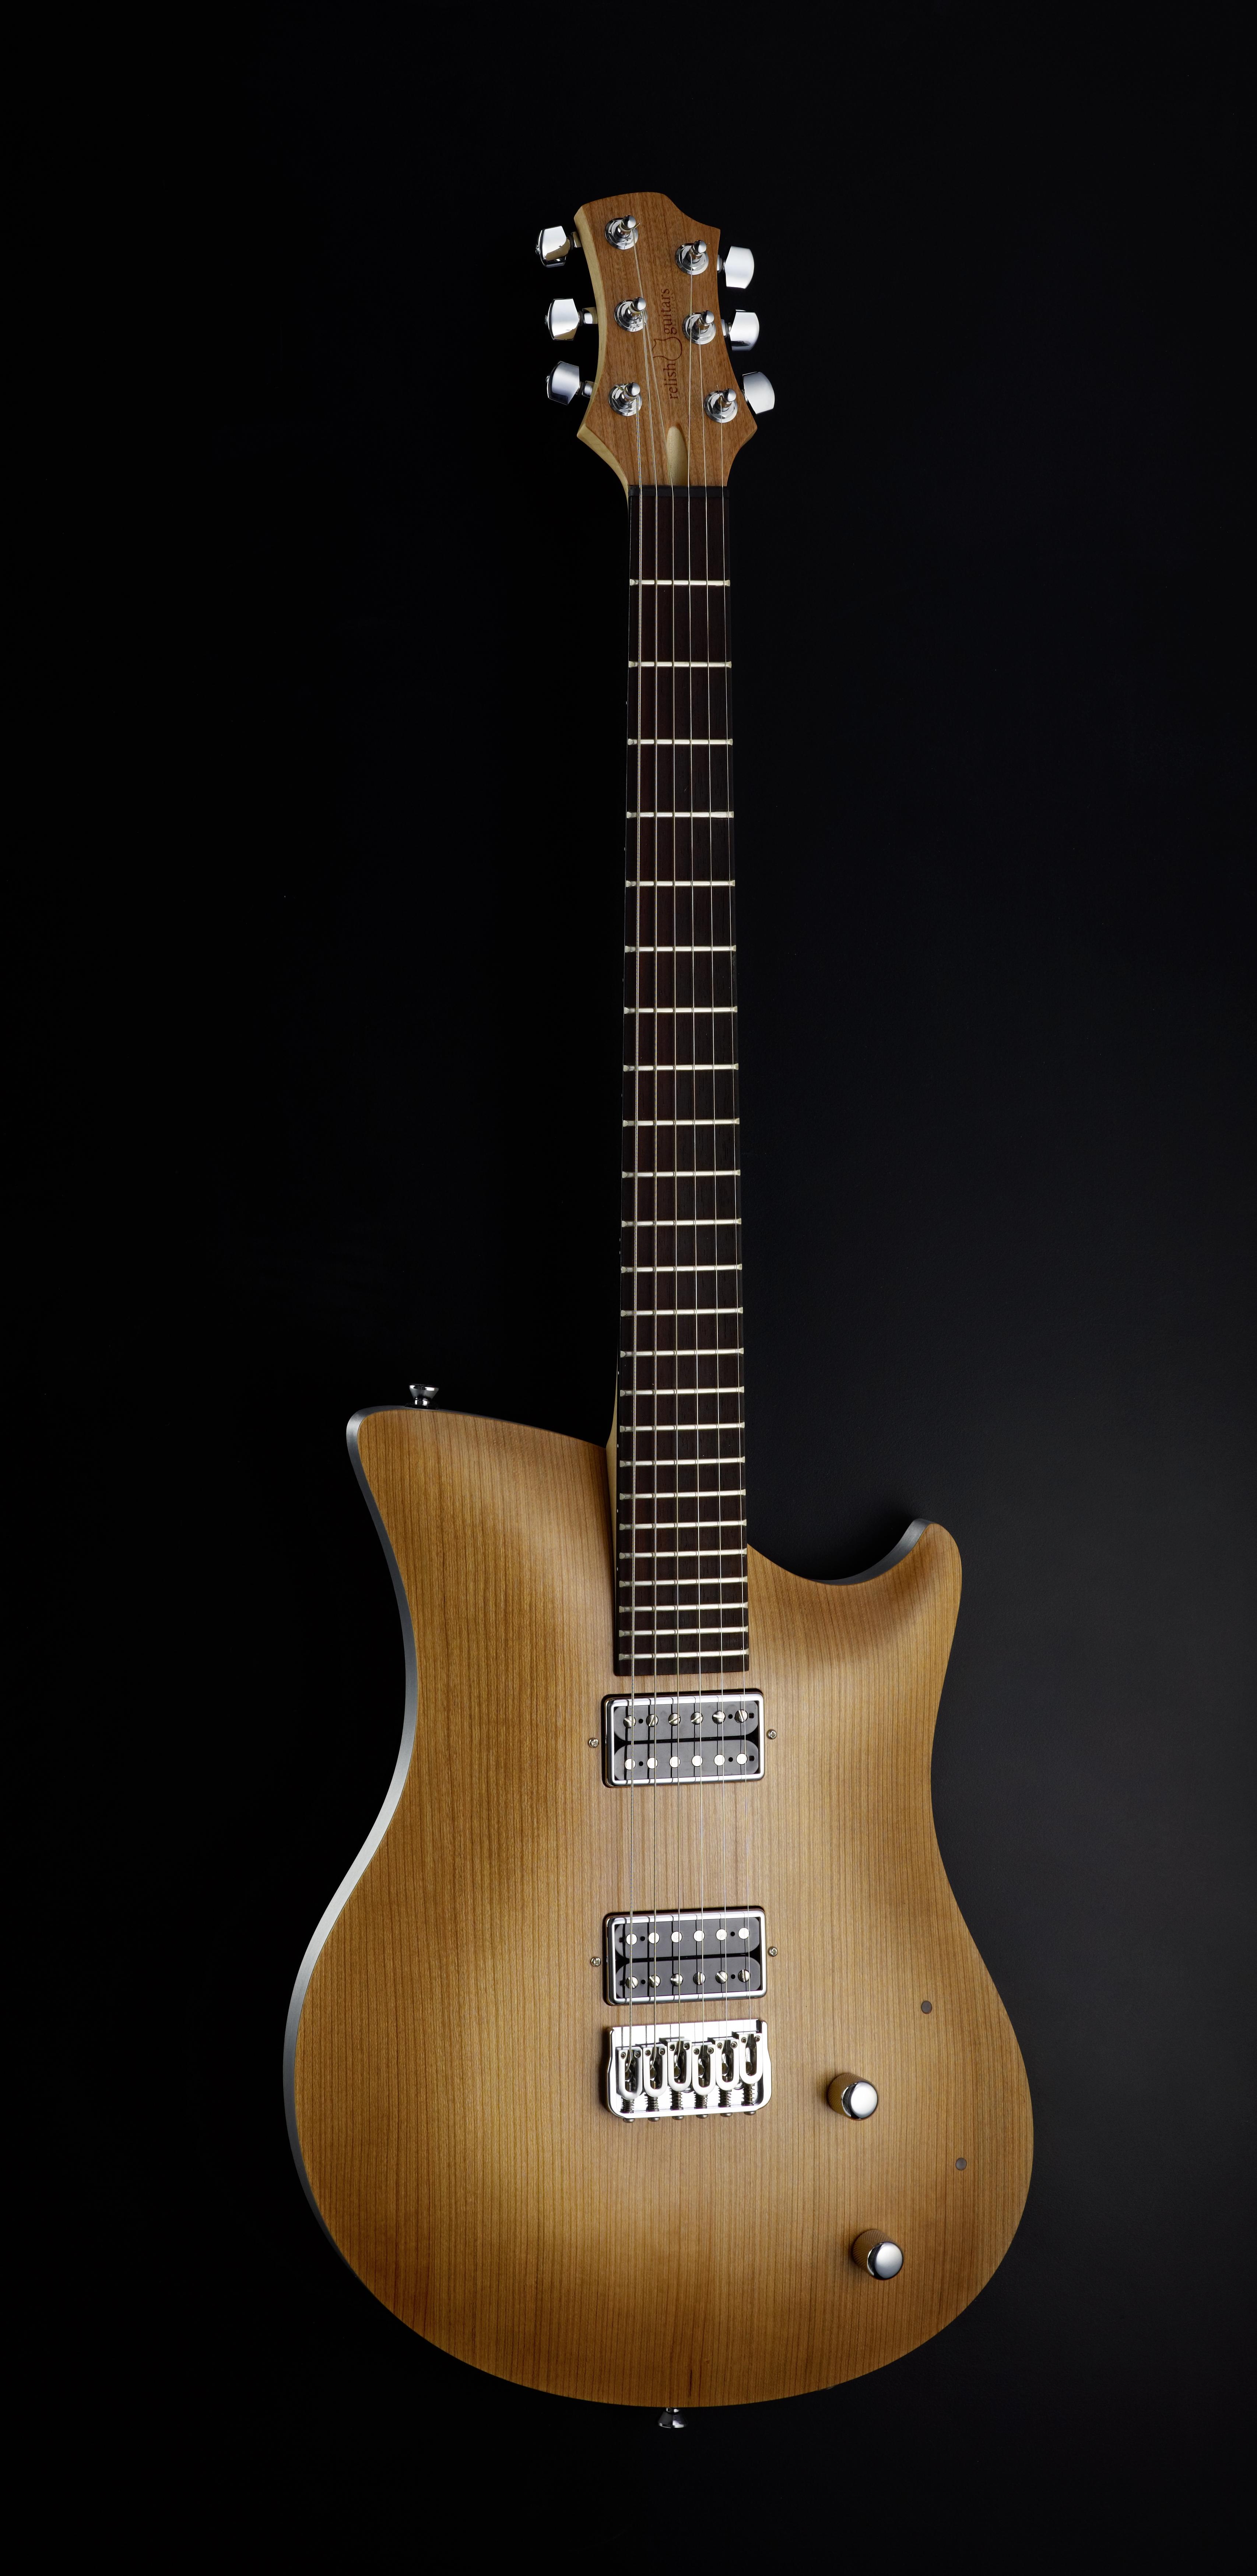 Relish_Guitars_cherry_front_dark.jpg